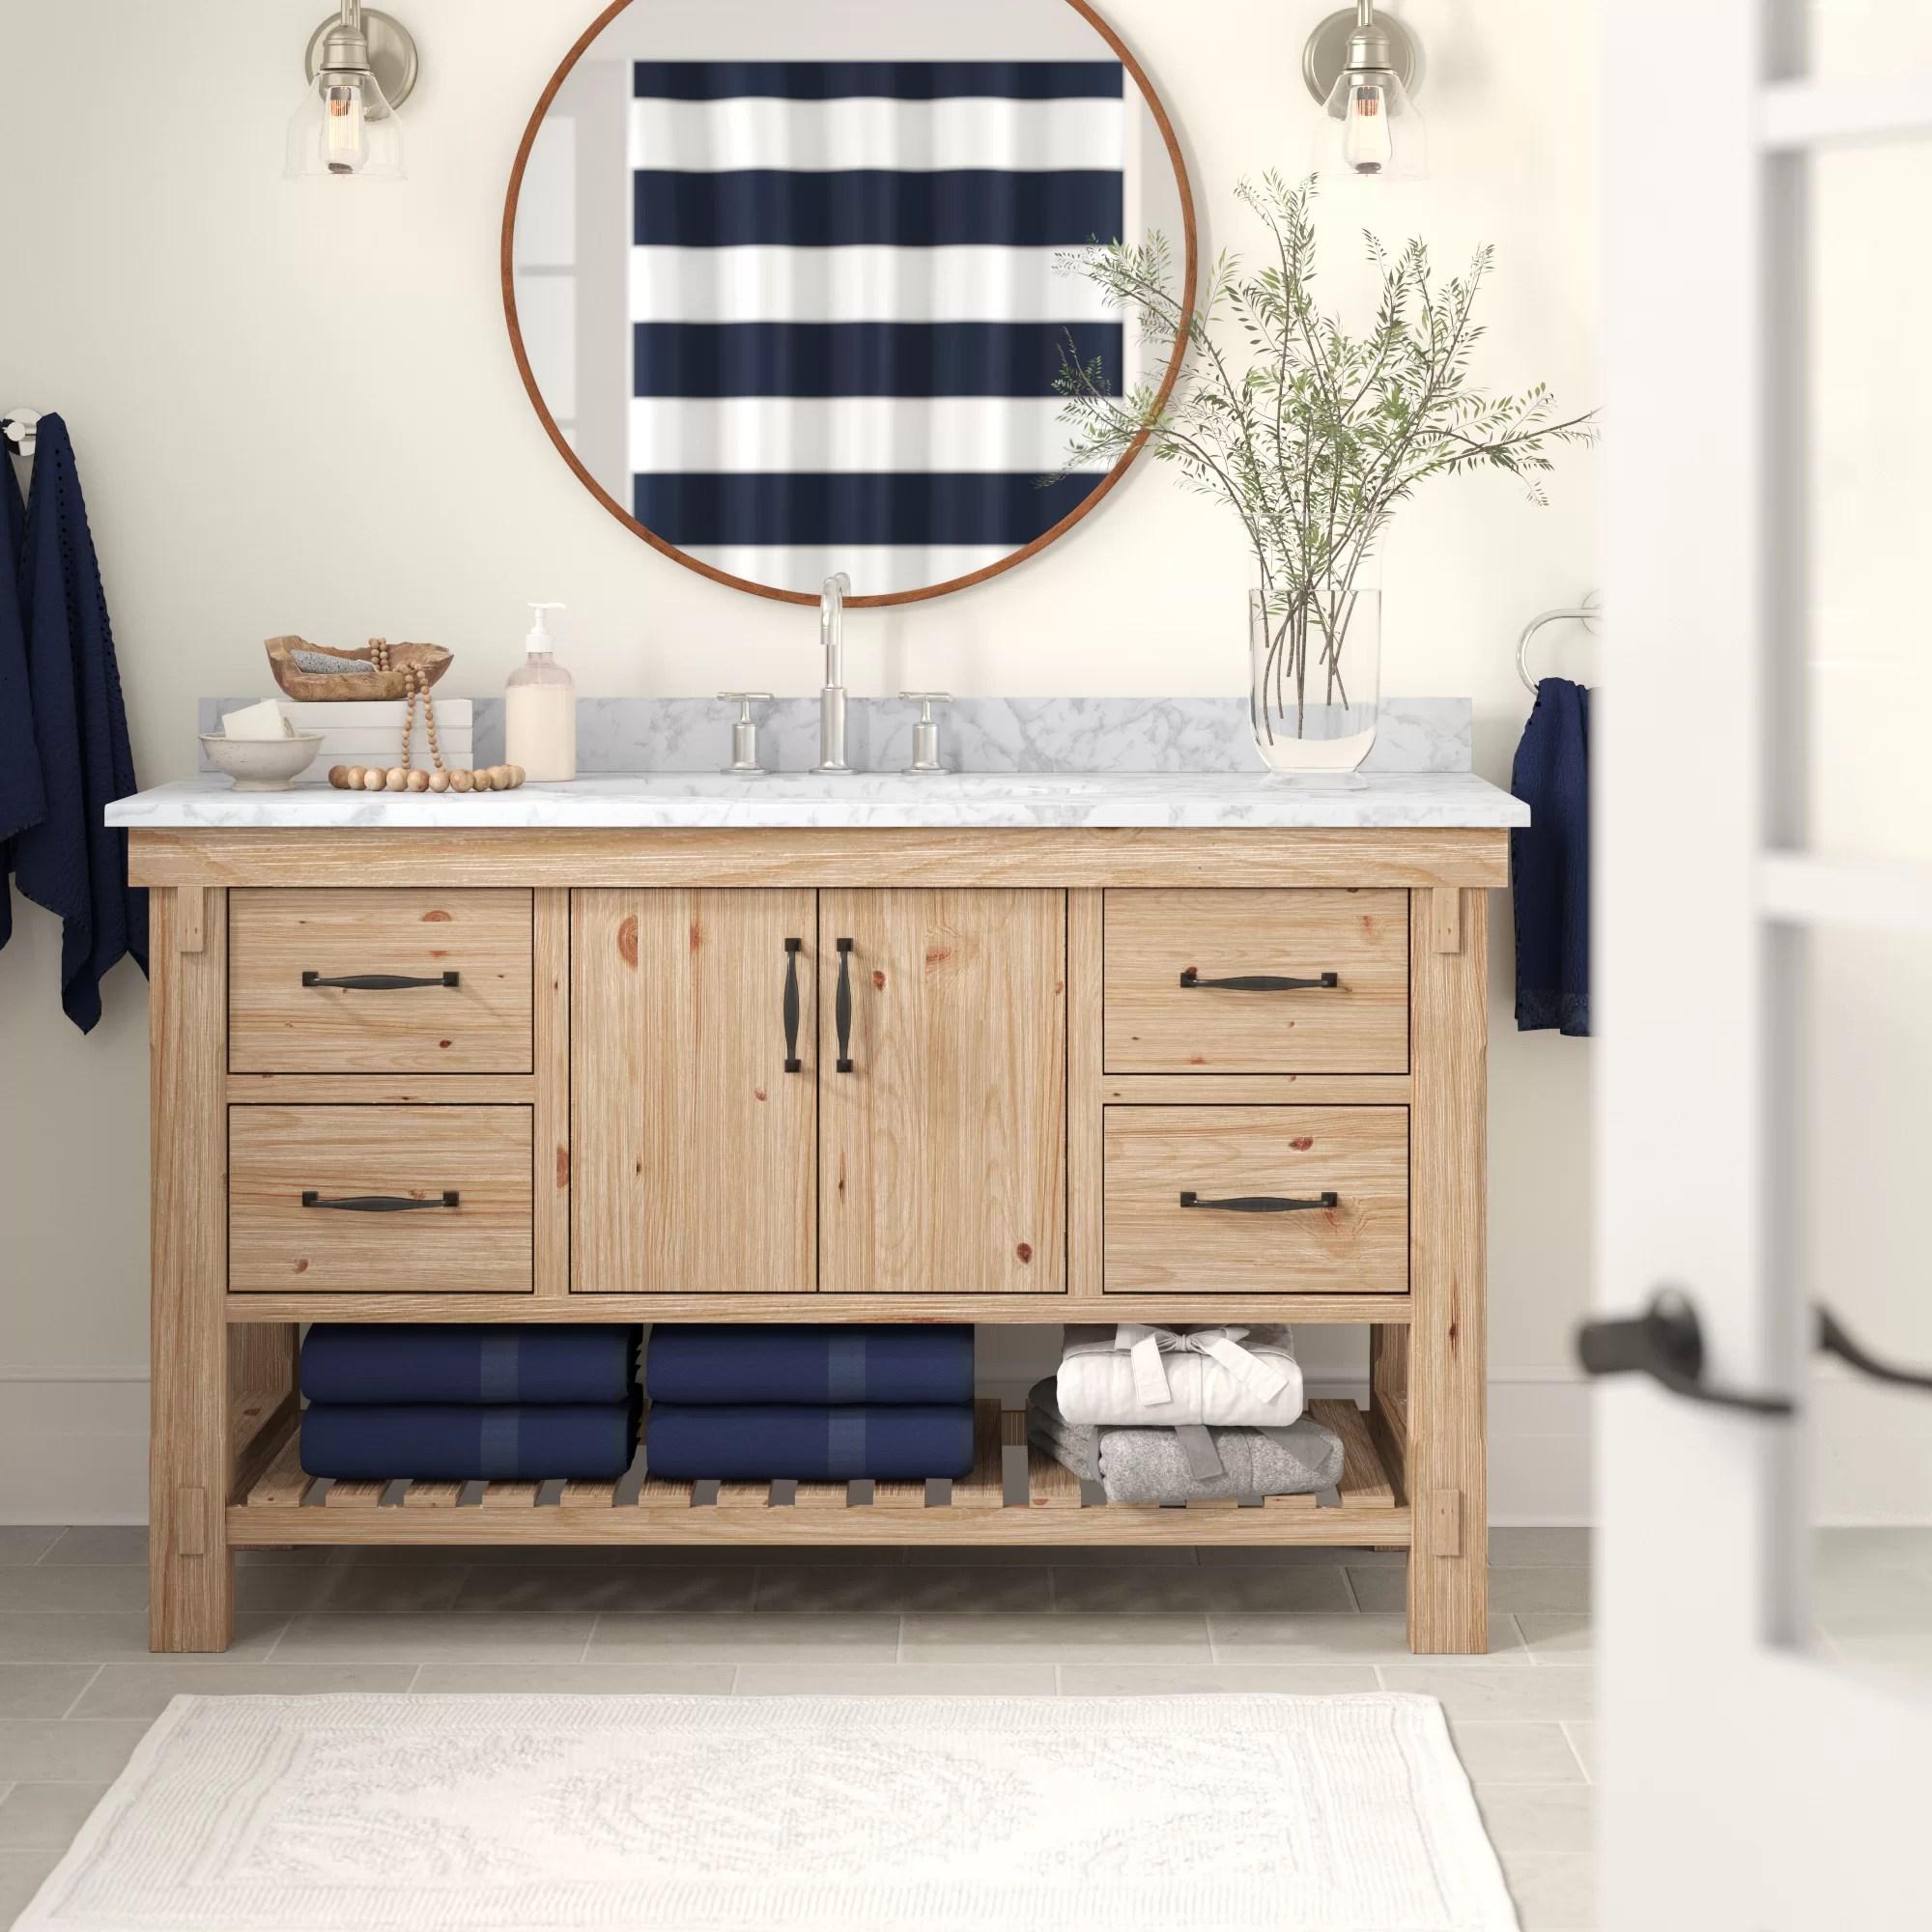 Three Posts Kordell 55 Single Bathroom Vanity Set Reviews Wayfair